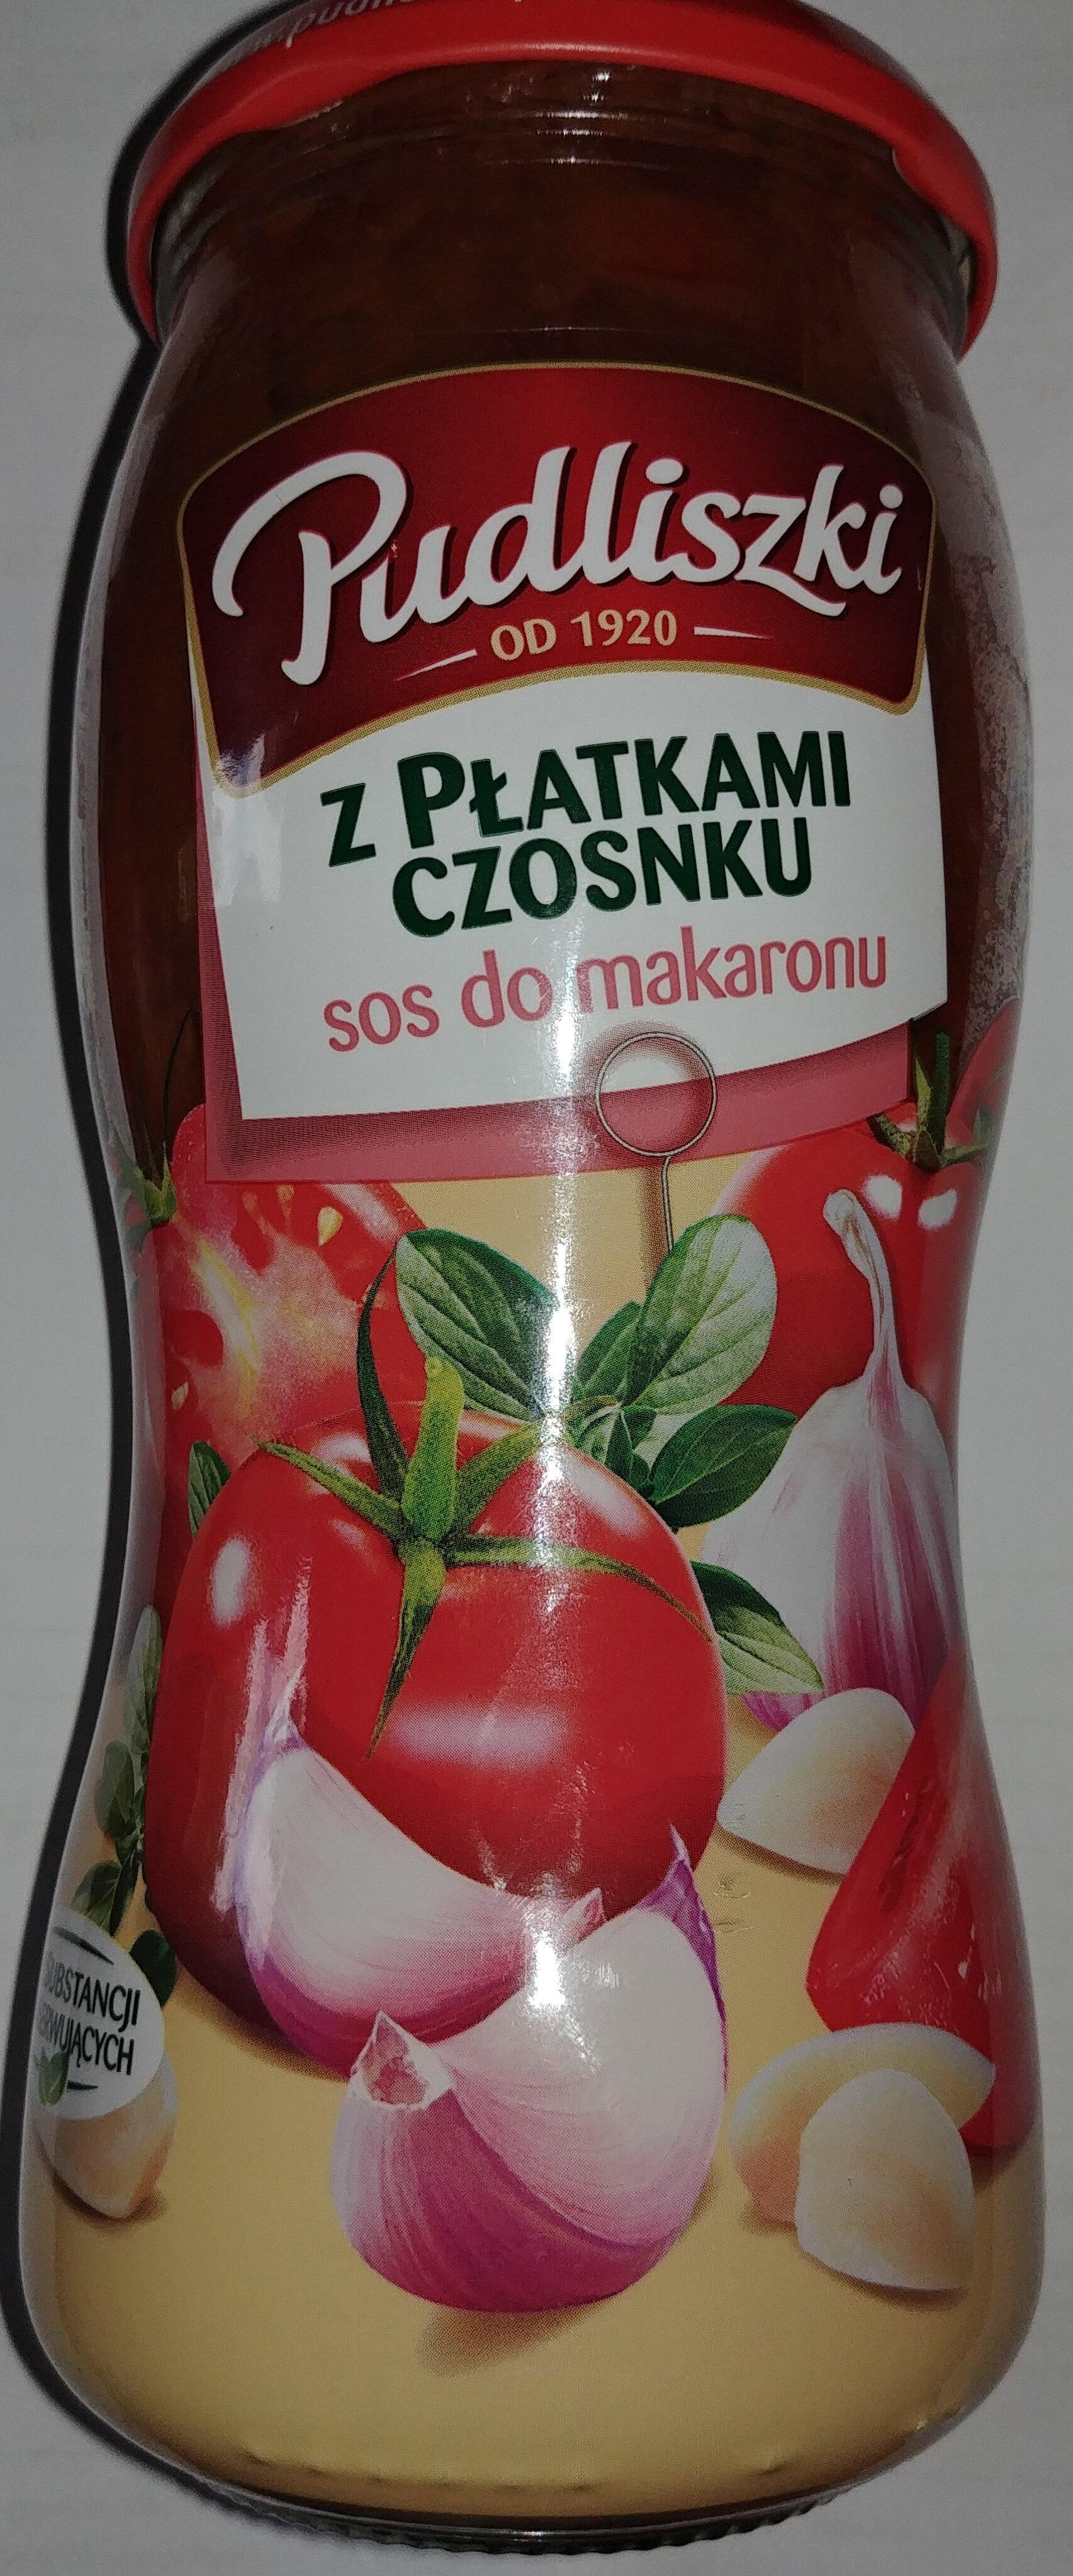 Sos do makaronu z płatkami czosnku - Produkt - pl